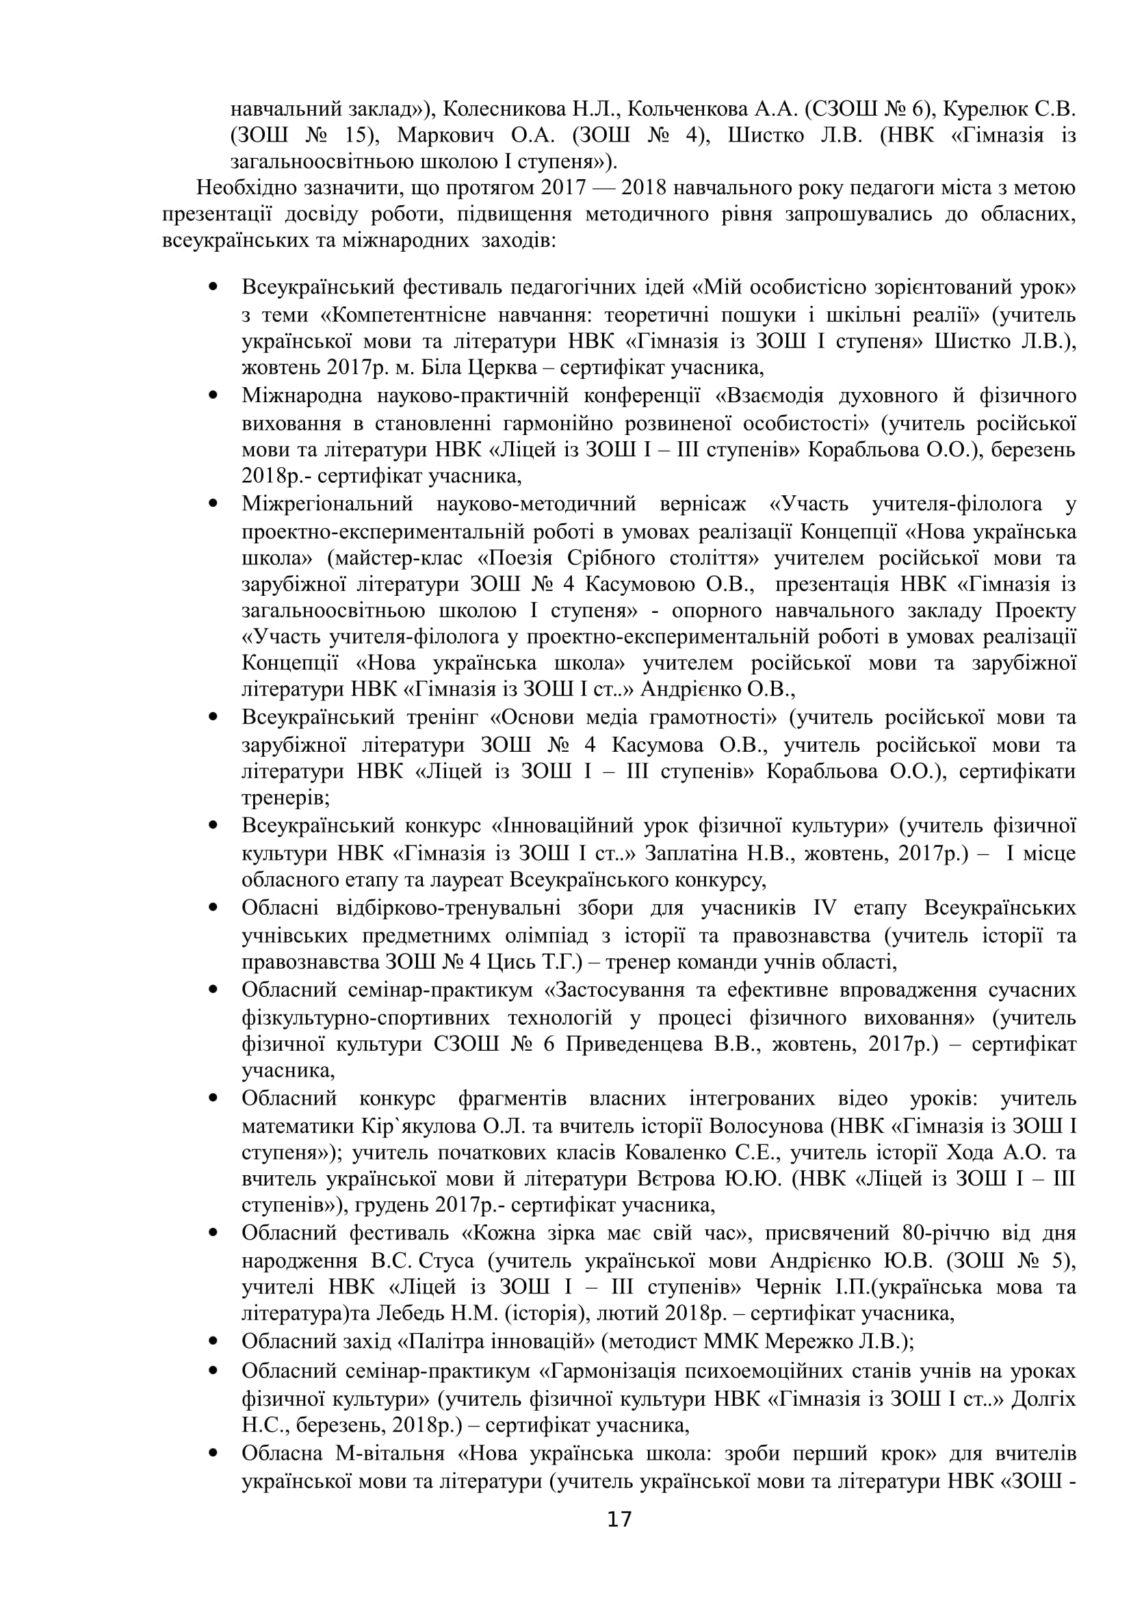 Костянтинівка 2018-2019 - ММК план роботи-18